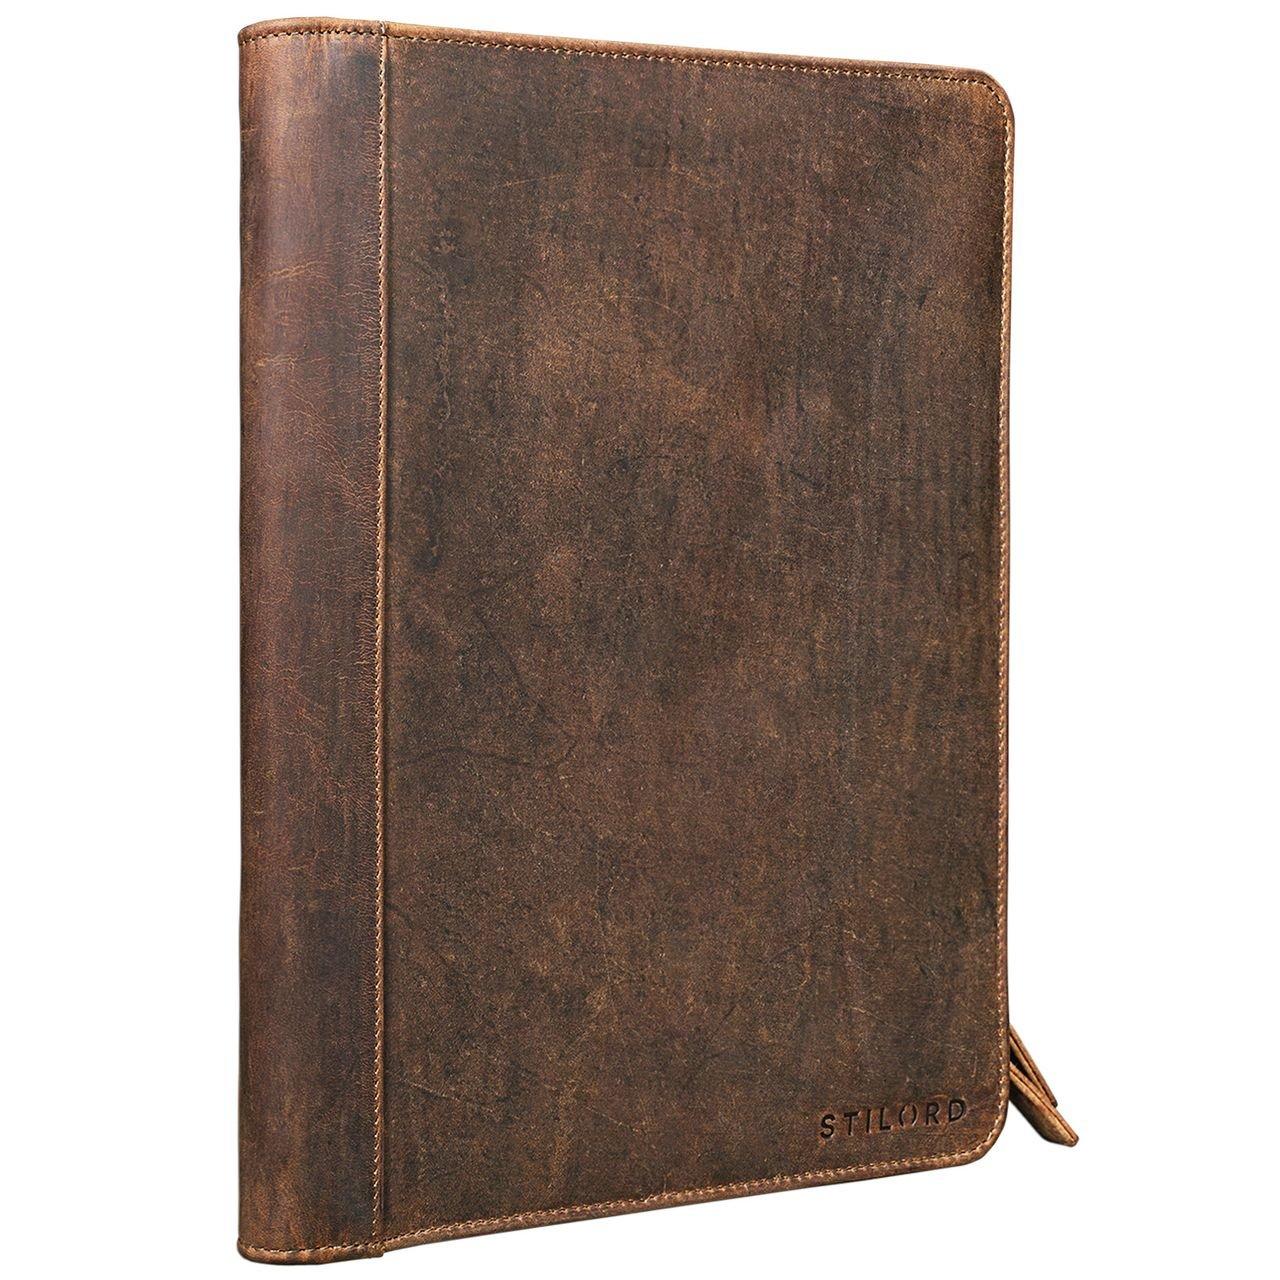 STILORD 'Julius' Vintage Conference Folder A4 Leather Brown Portfolio Document Folder Sophisticated Vintage Design fit for 12 inch Tablets Genuine Leather, Colour:Dark - Brown